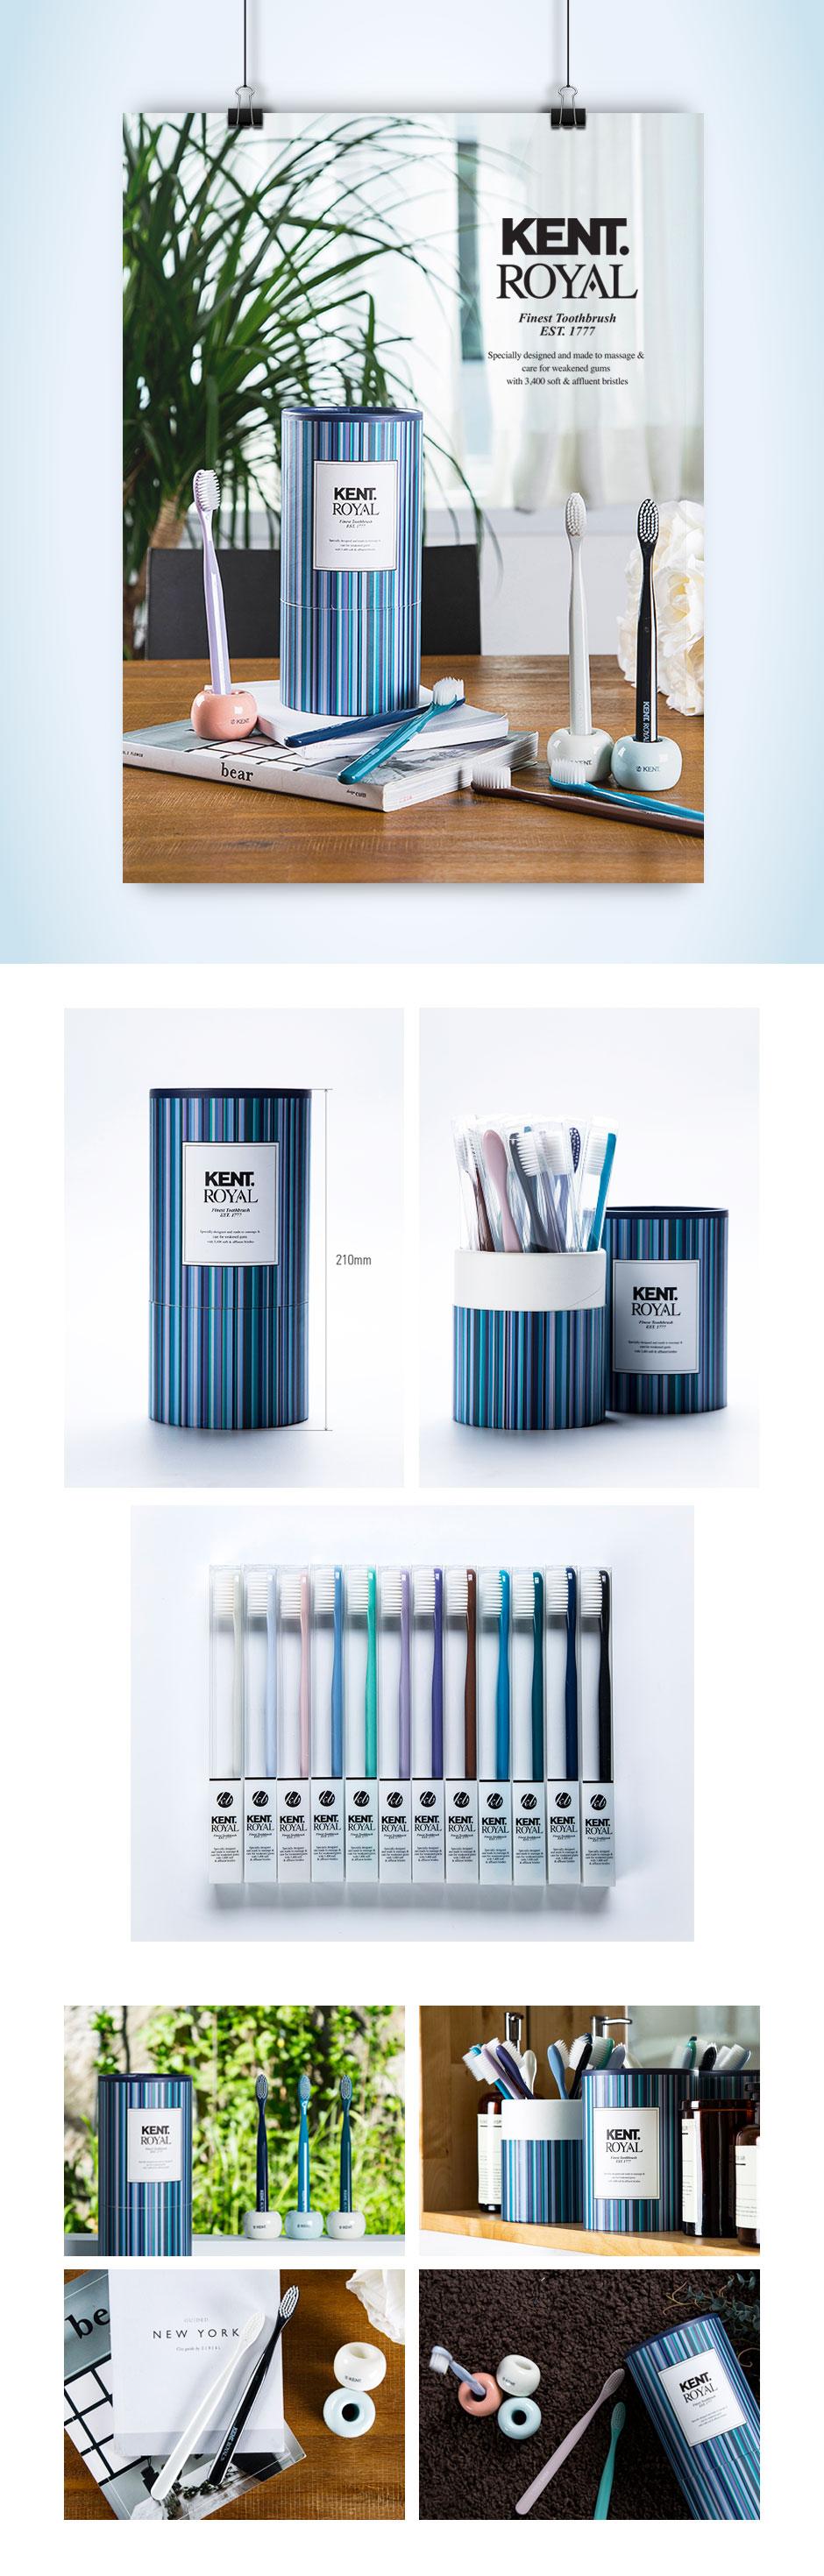 KENT-ROYAL-toothbrush-package